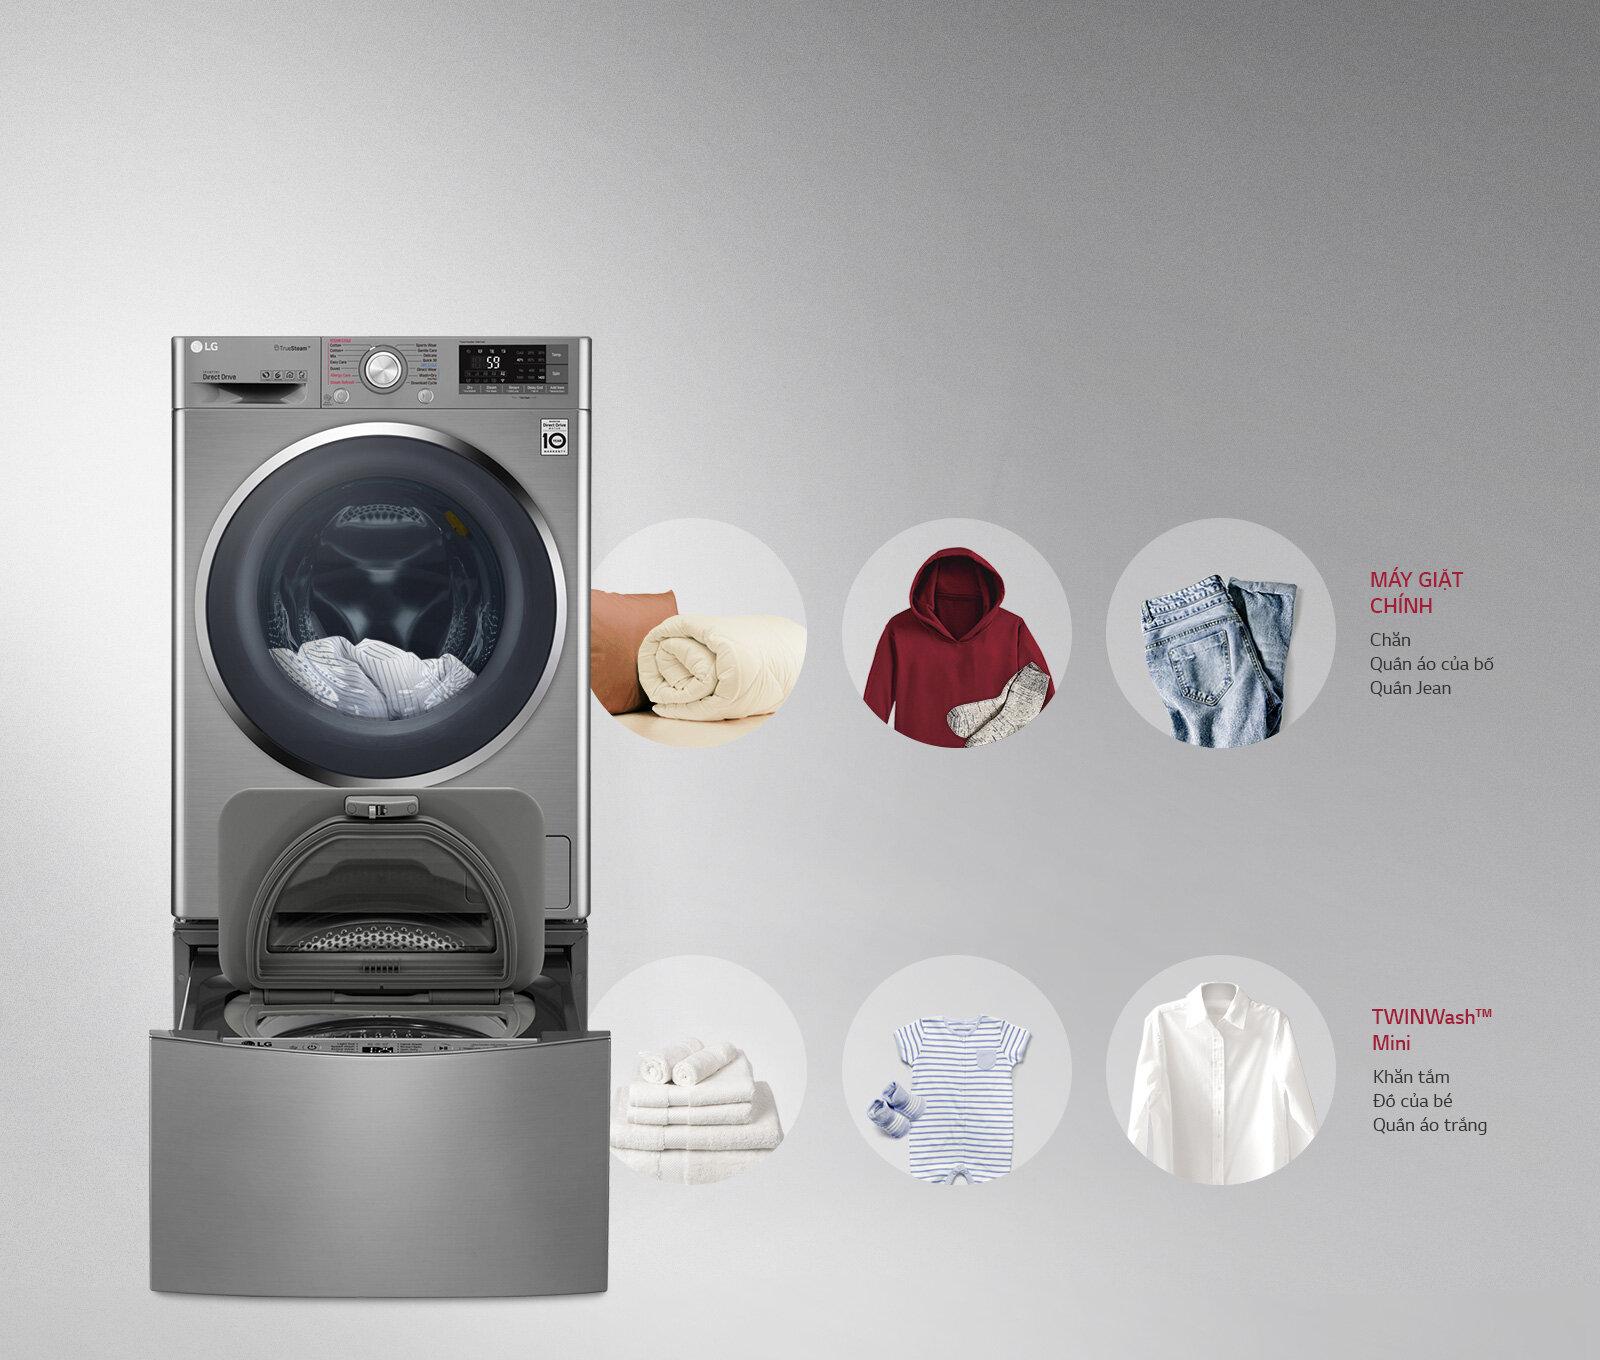 Máy giặt Twin Wash LG TWC1409S2E